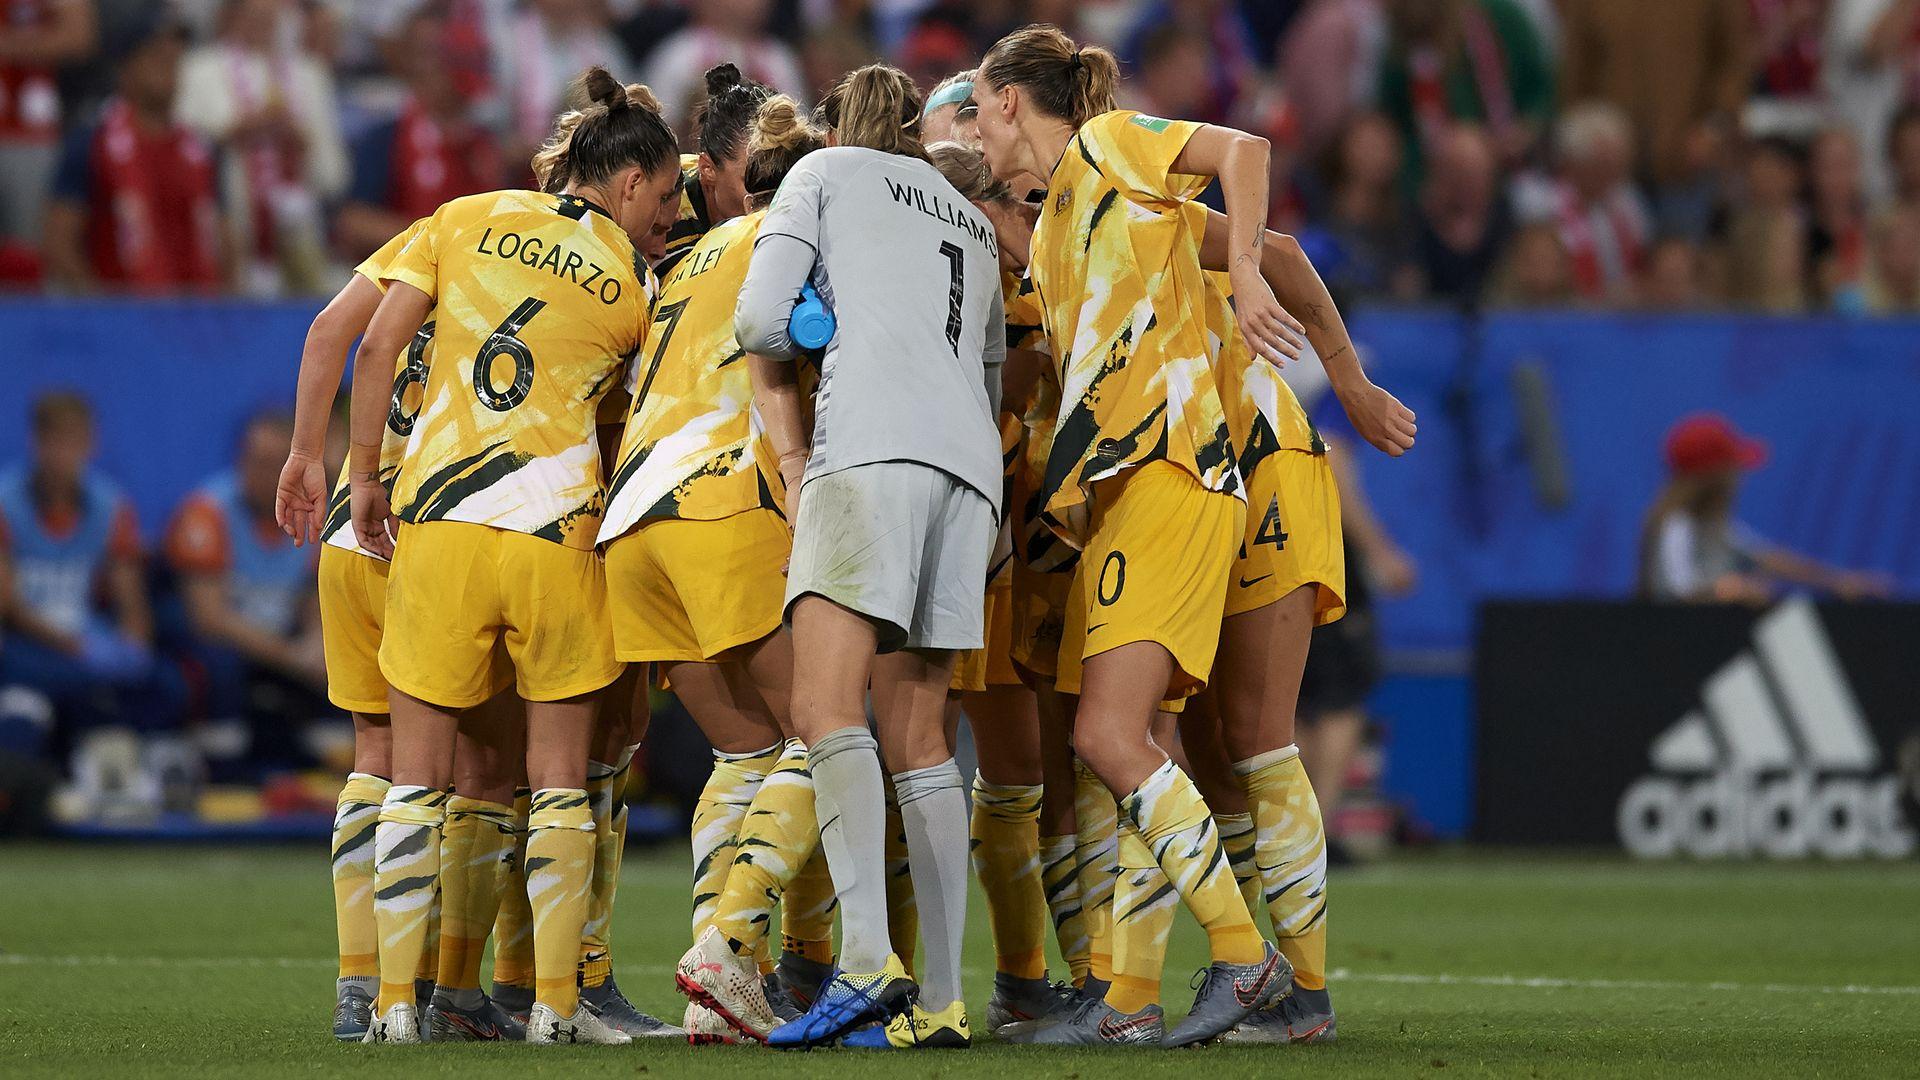 The Australian womens soccer team huddles before a match.